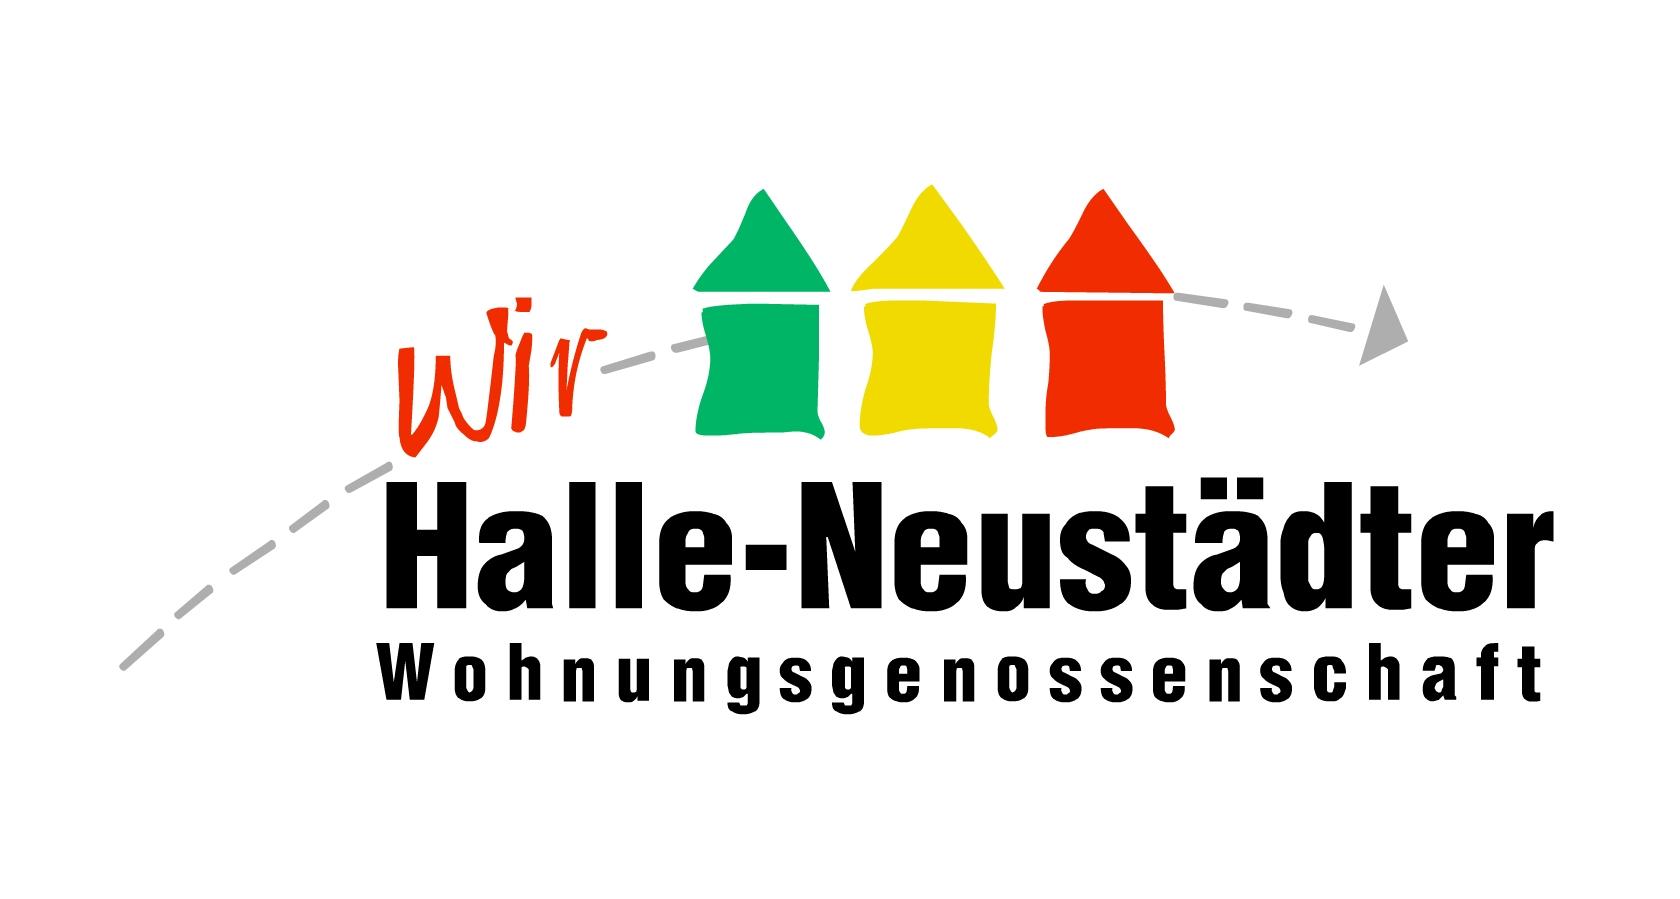 Halle-Neustädter Wohnungs-